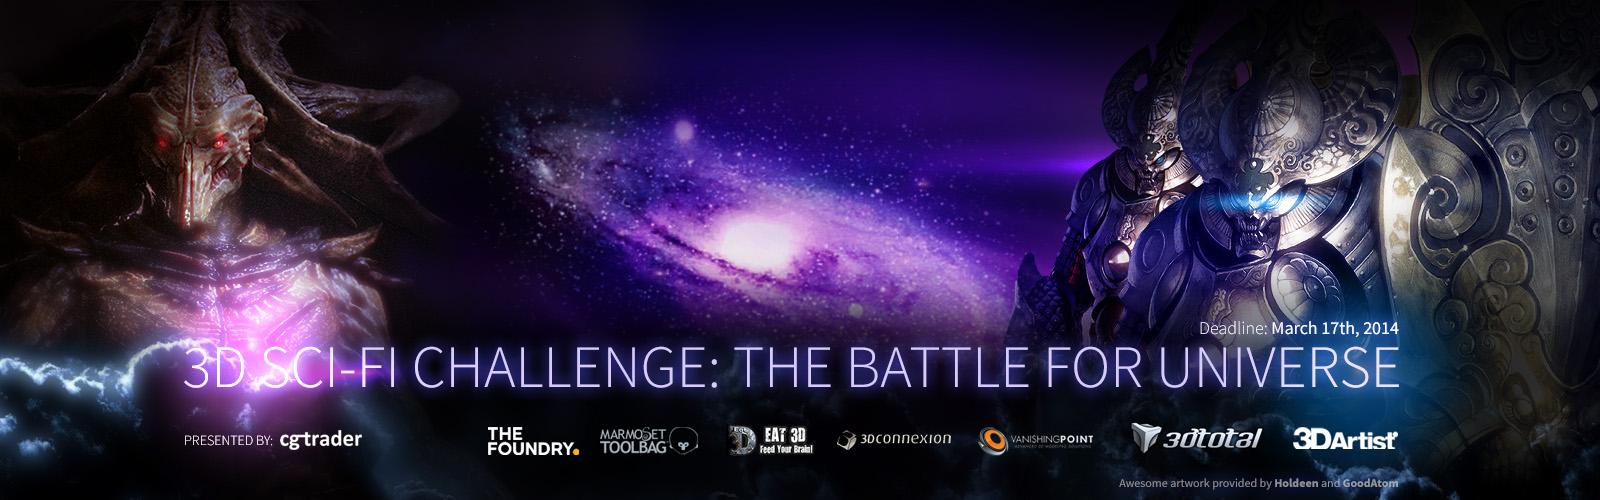 3D SciFi Challenge